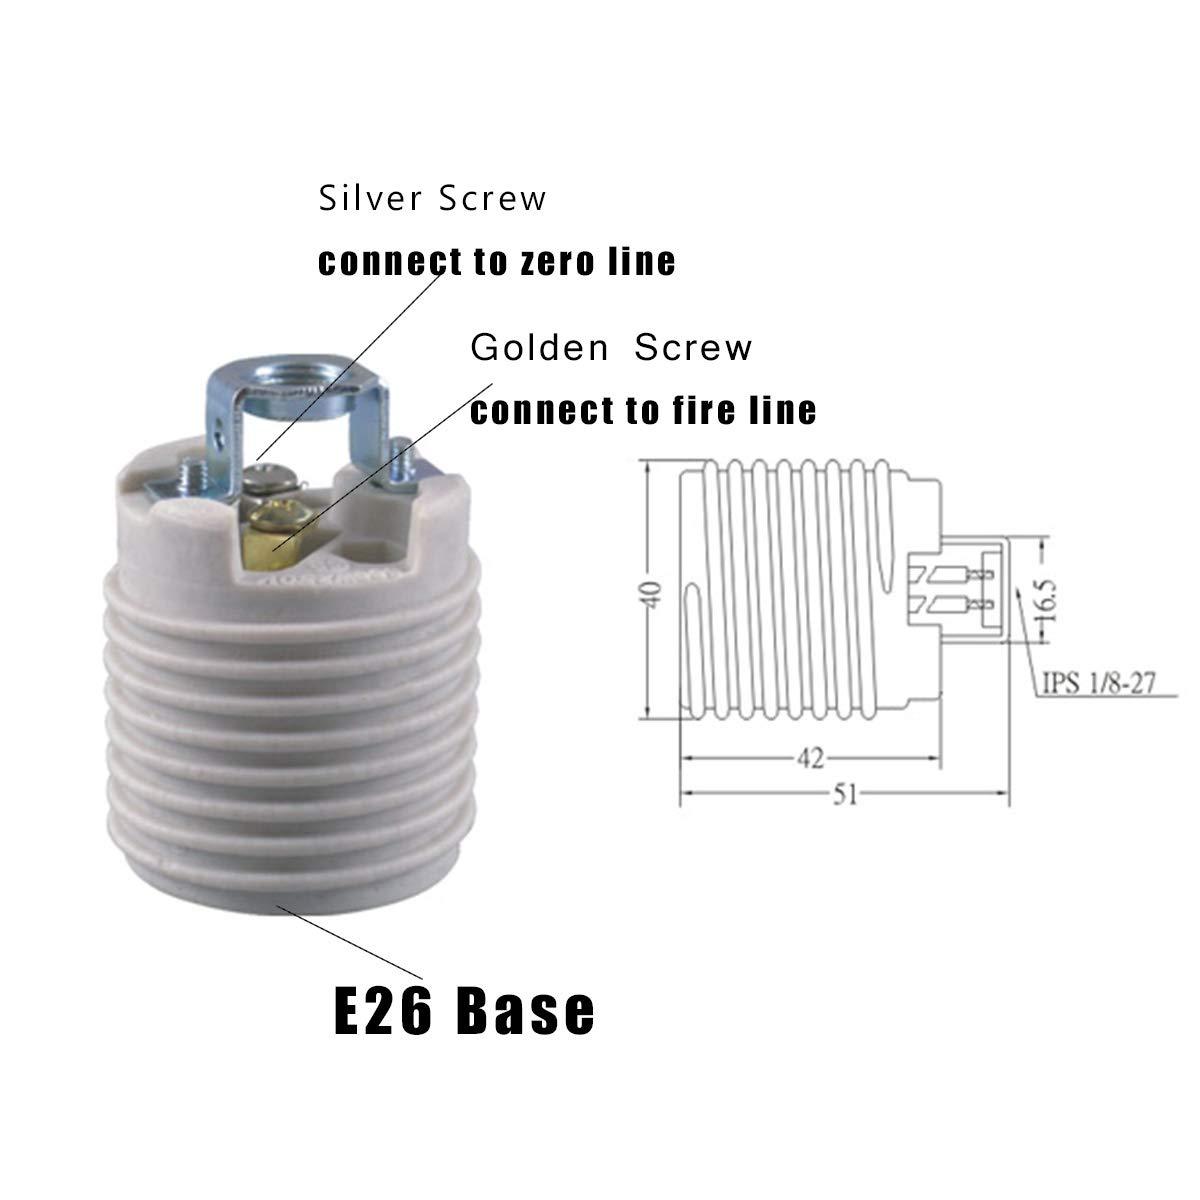 12 Volt 10 Watt Puck Lights Light Spectrum Enterprises Inc JCG412V10W G4 12V 10W JC Type Lighting Halogen Bulb 5Pack